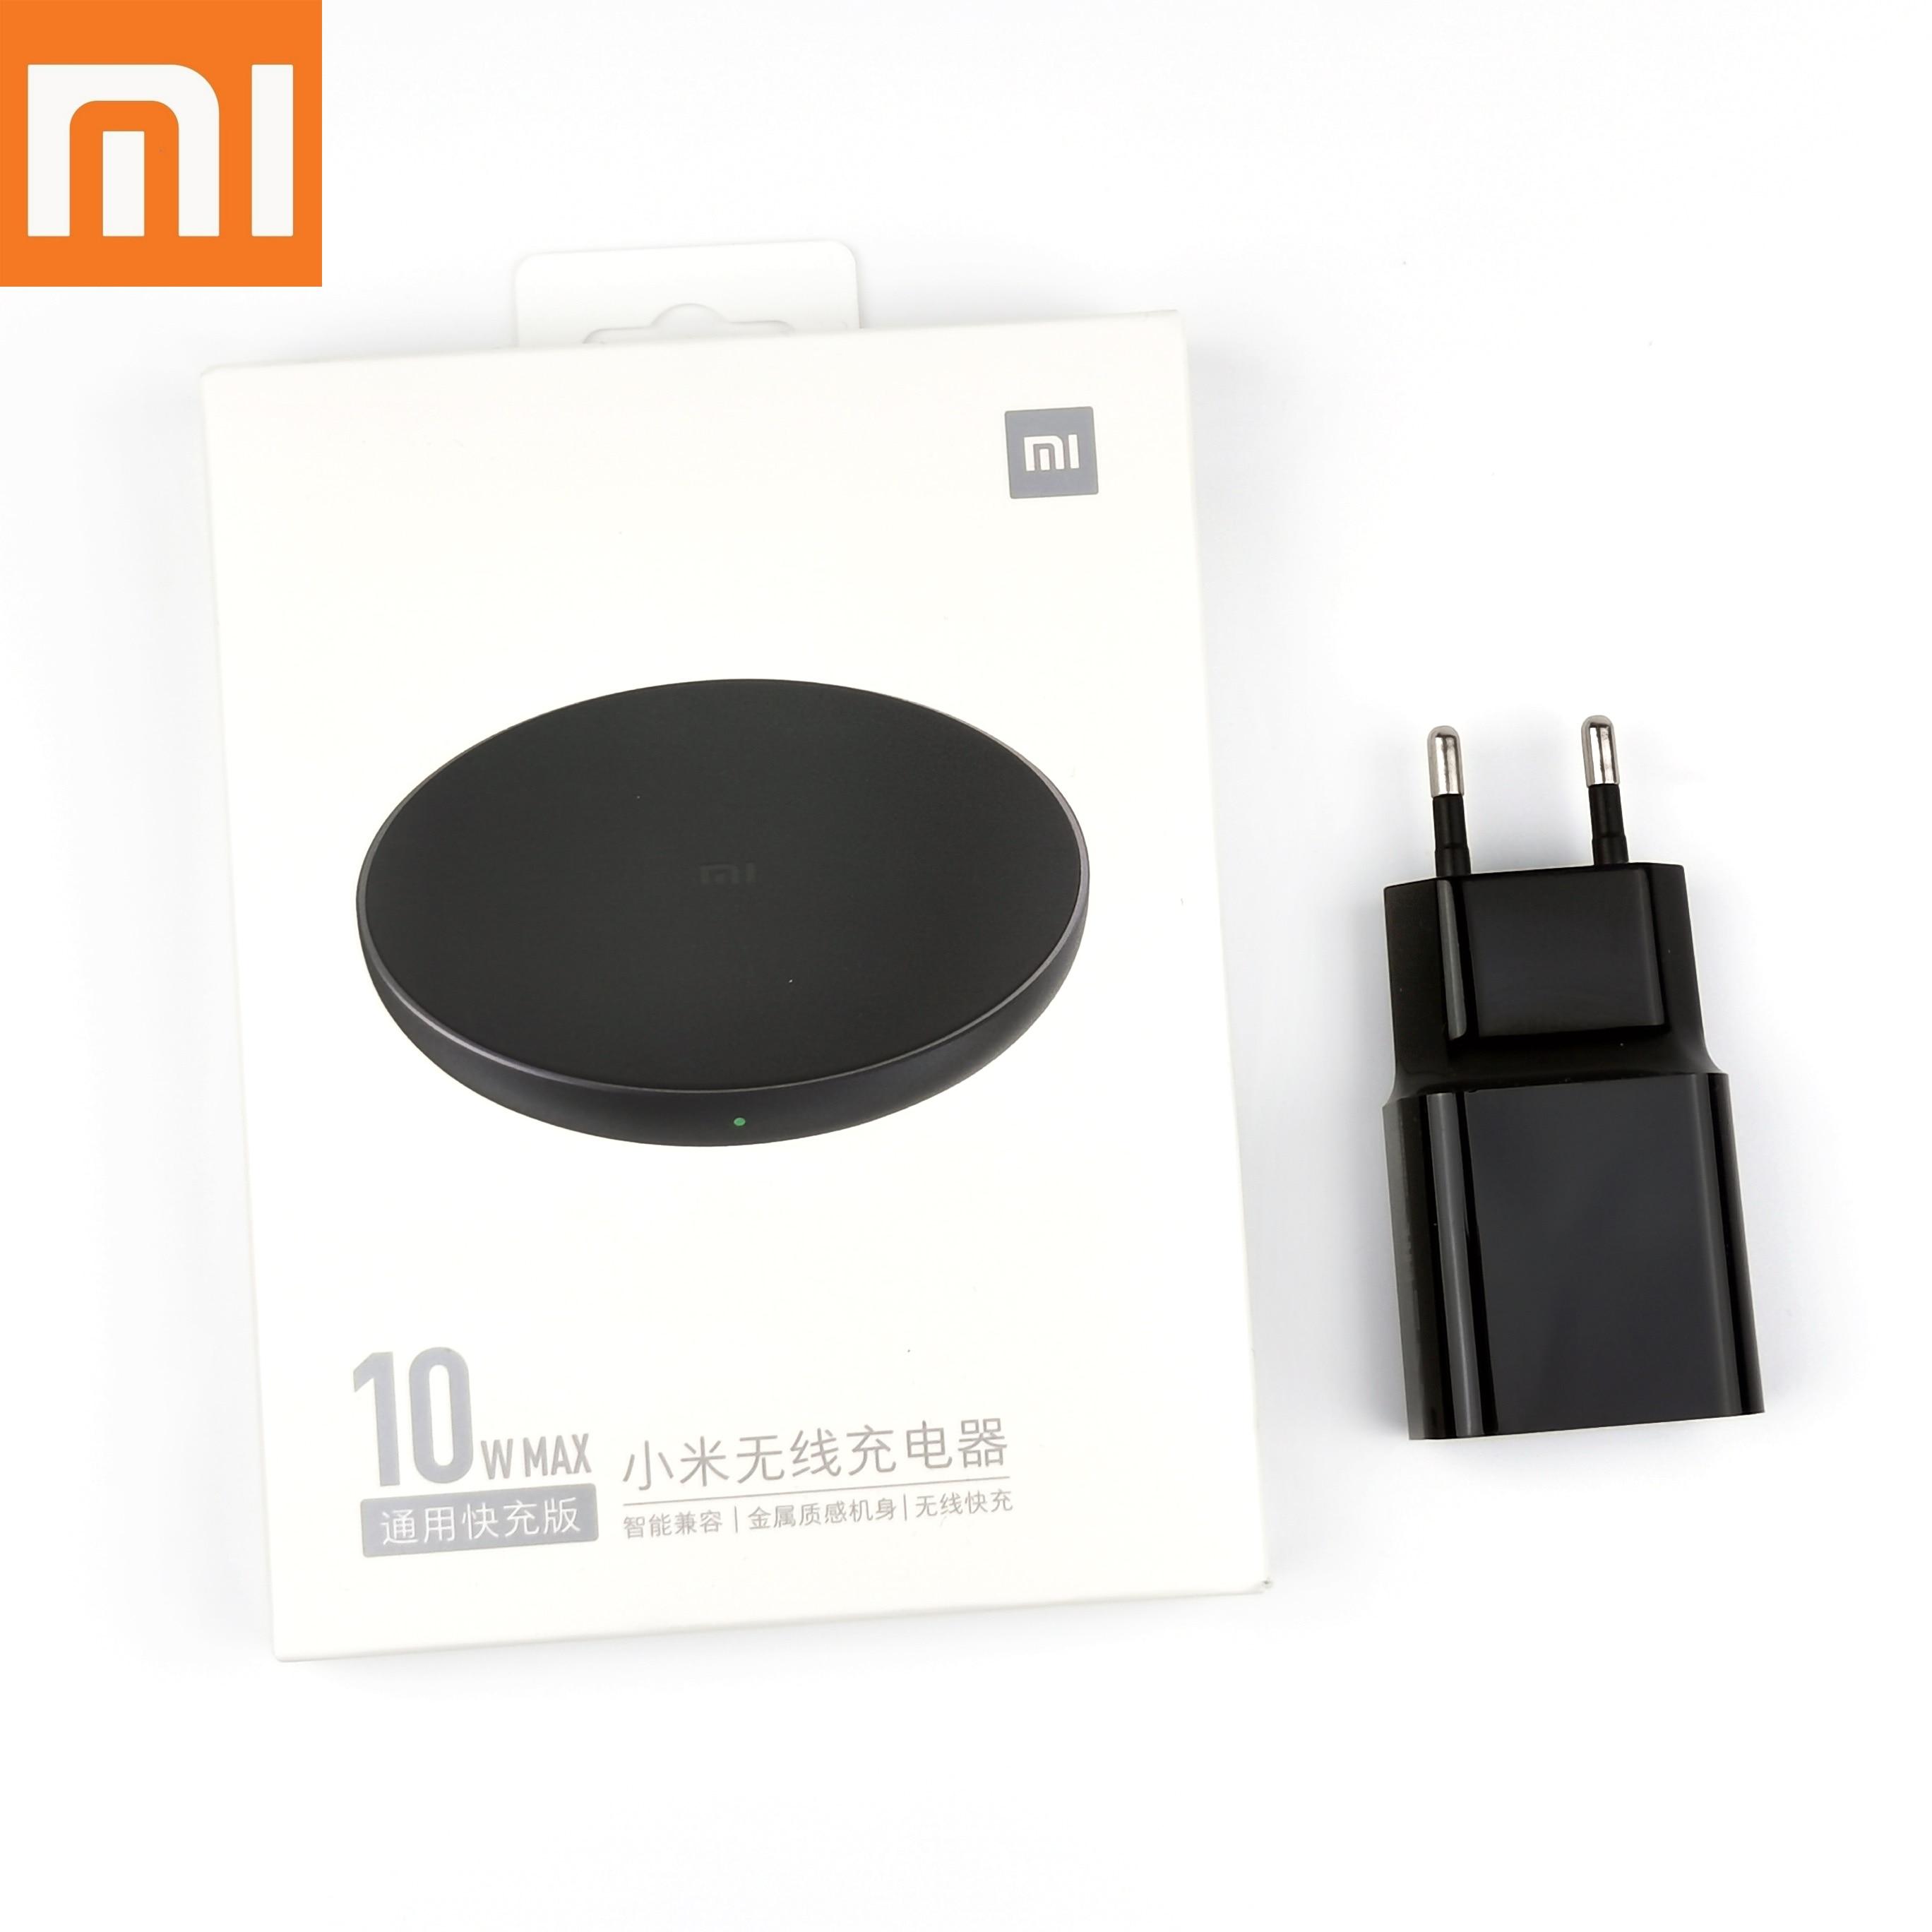 Original XiaoMi Mi9 Pro Wireless Charge Pad Fast 10W Max Fast Wireless Charger For Iphone Xs Xr X 8 Mi 9T mix 3 2s Mate30 pro